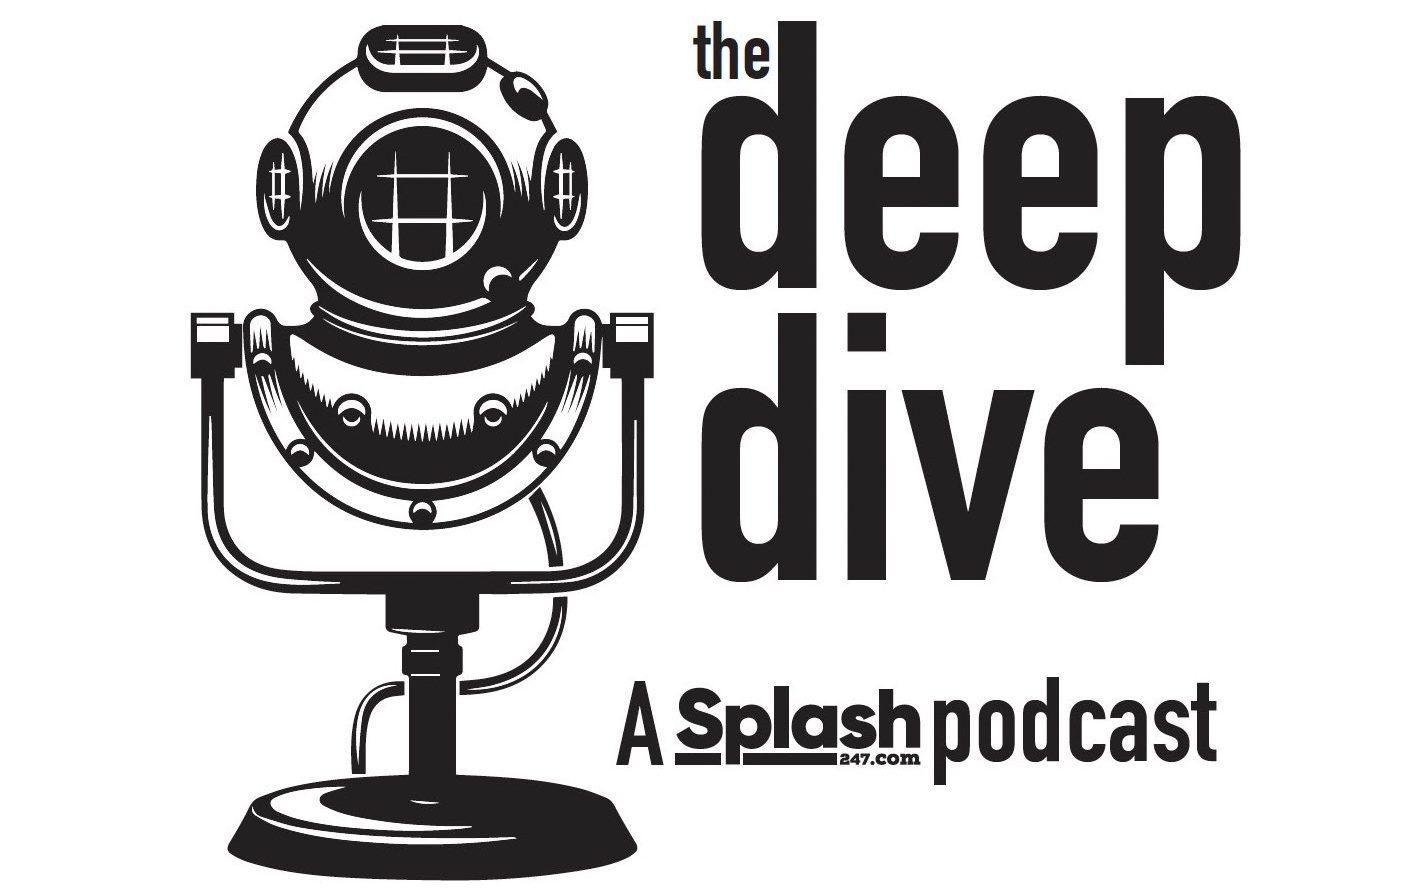 Splash Podcast: markets and millennials - Splash 247